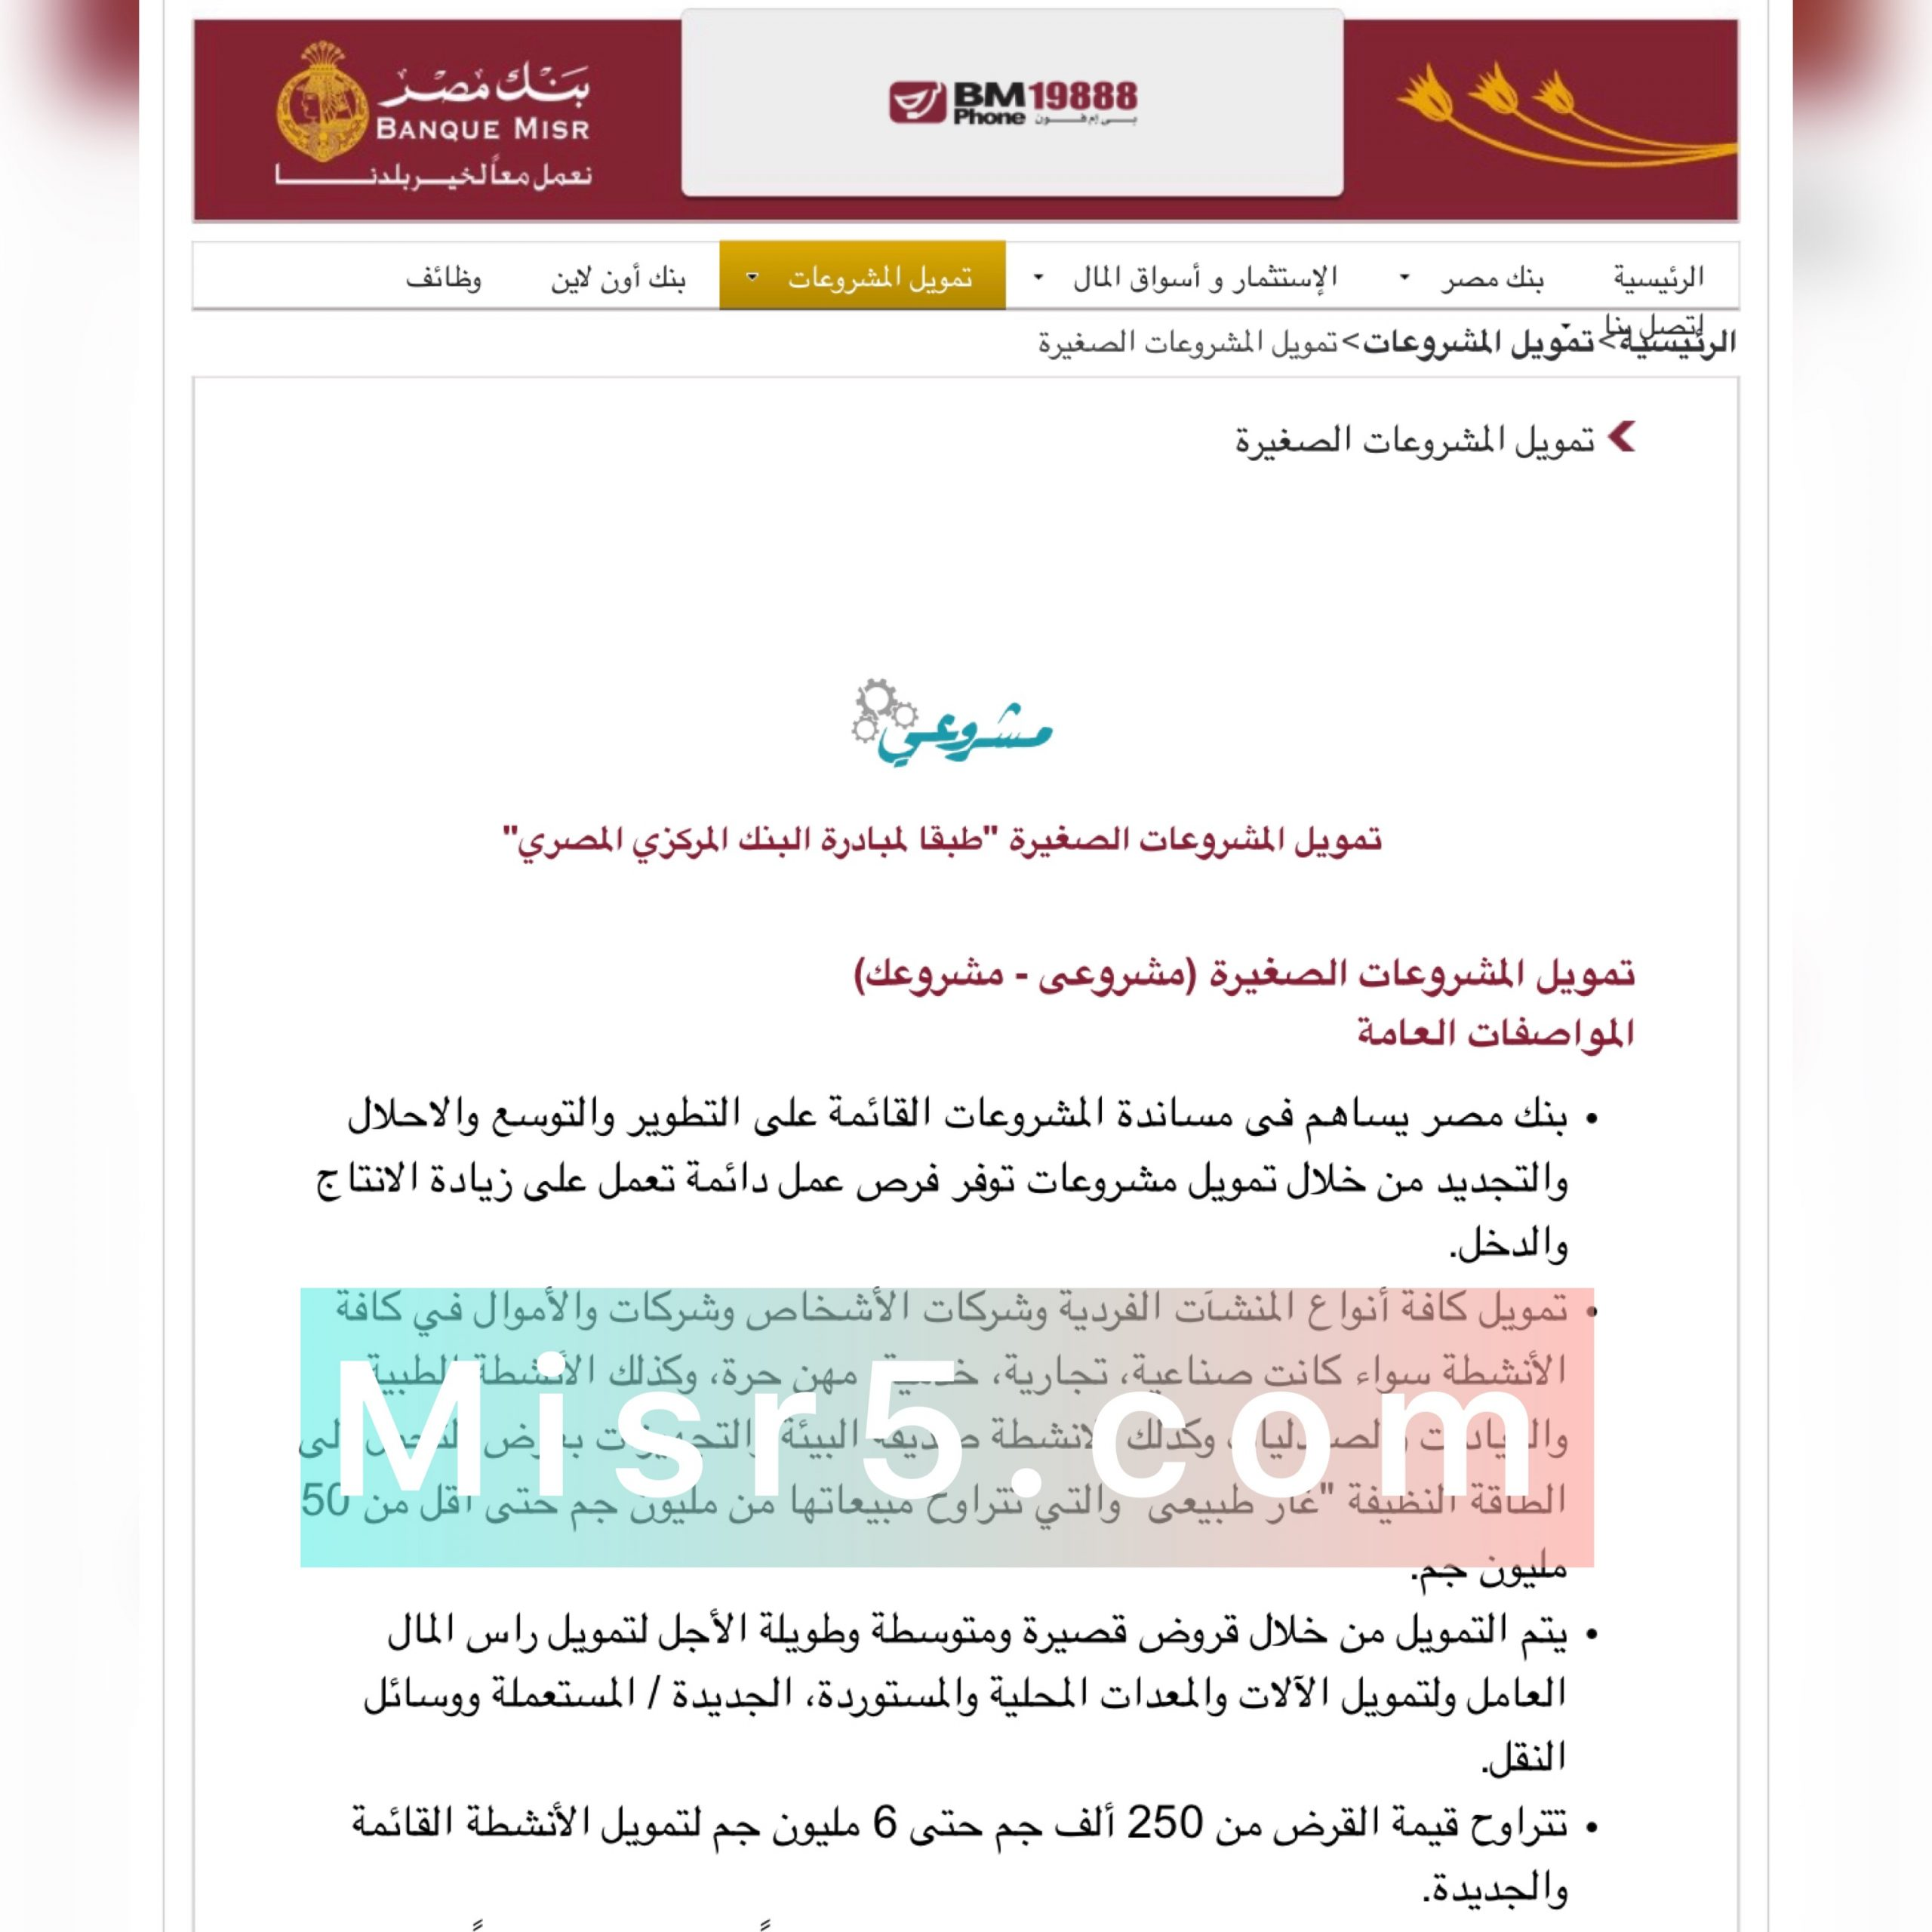 تعرف على قروض بنك مصر لتمويل المشروعات الصغيرة والمستندات المطلوبة 2021